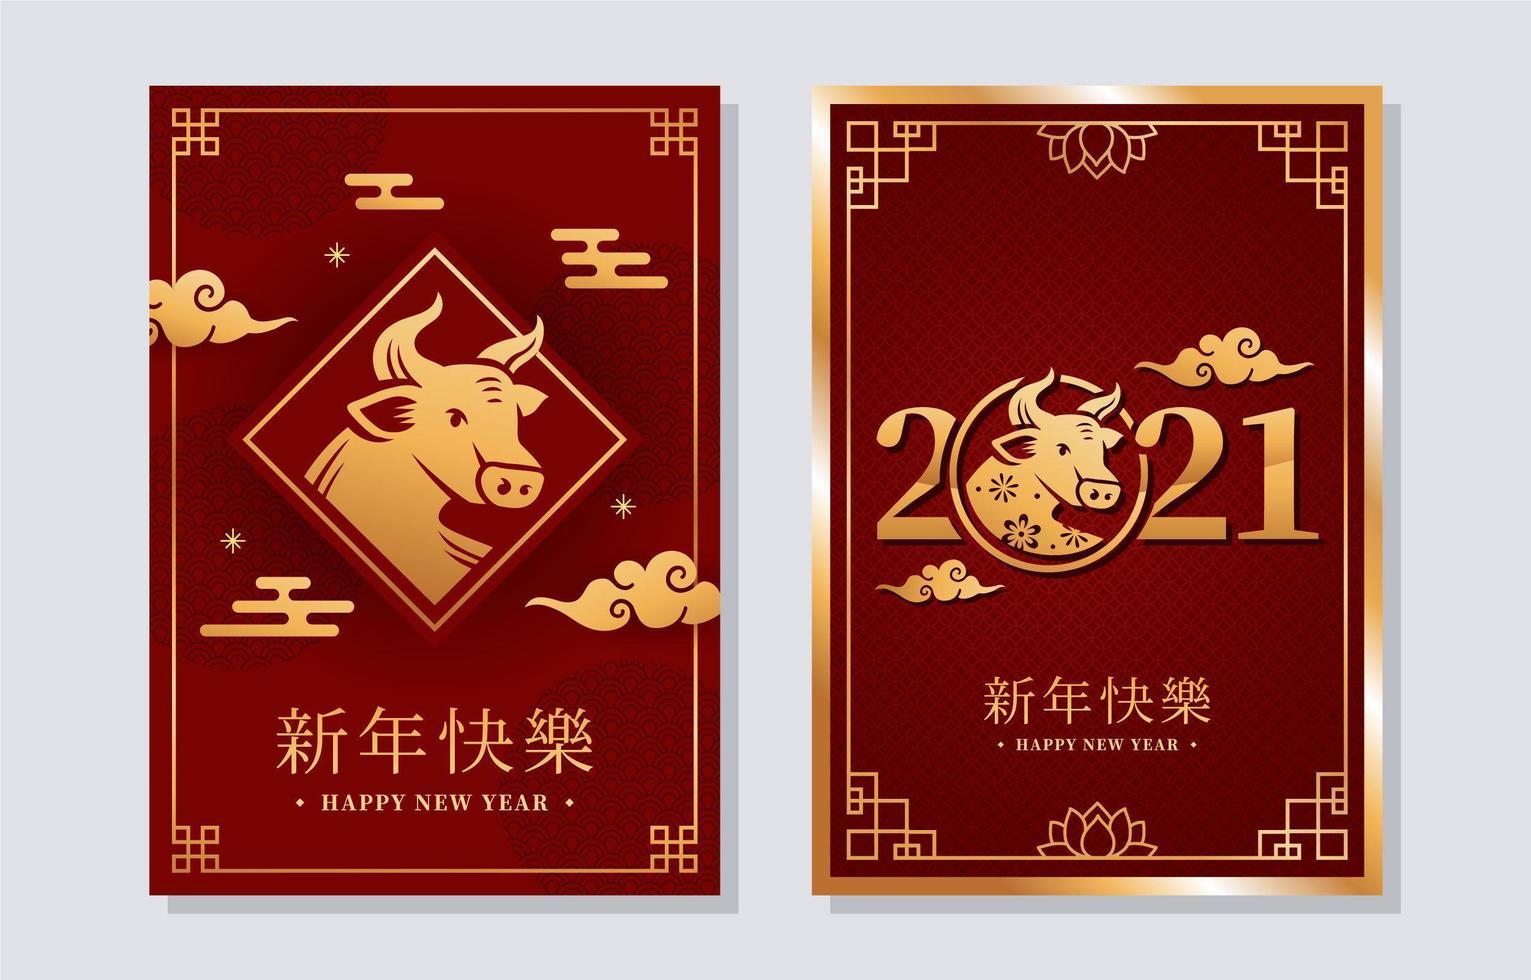 gyllene ox kinesiska nyår gratulationskort vektor